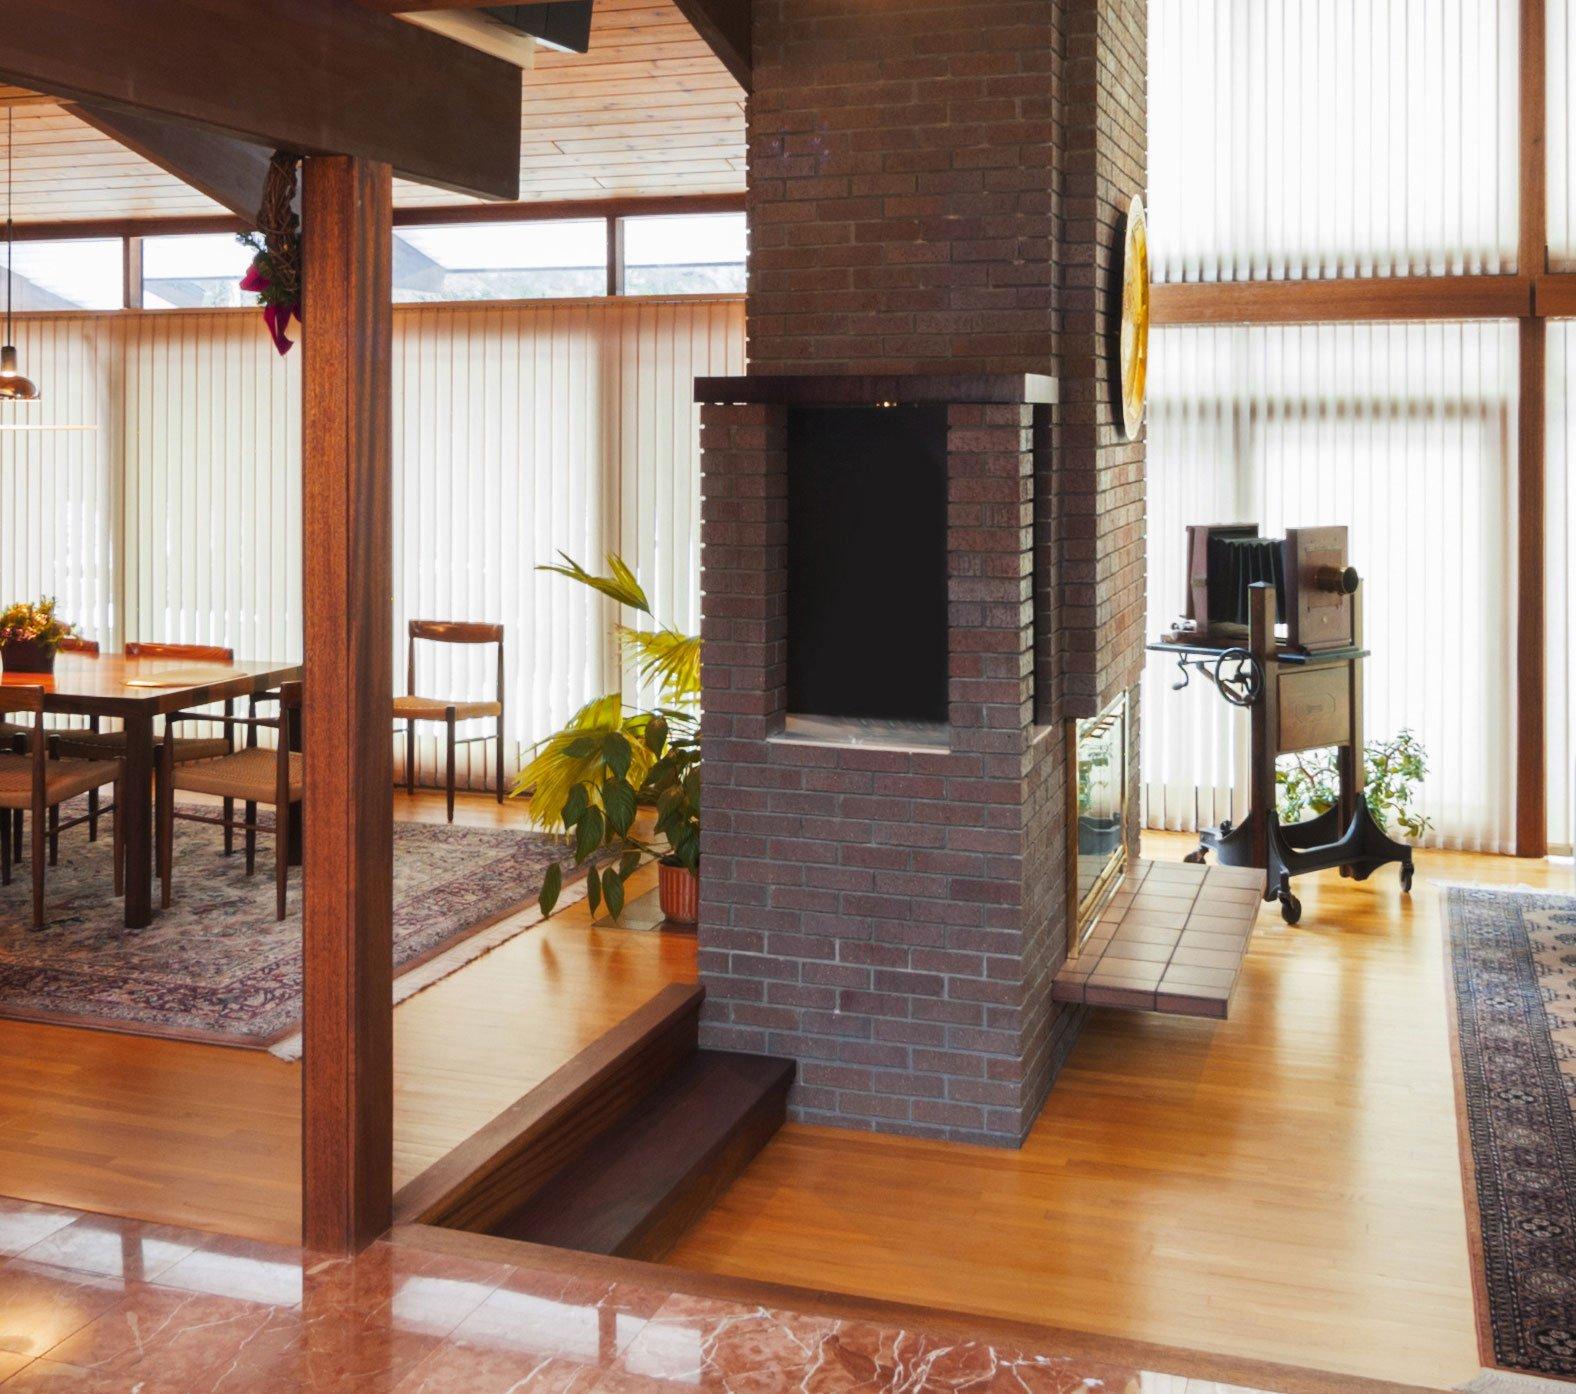 Wohnraumlüftung und Kamin im selben Raum